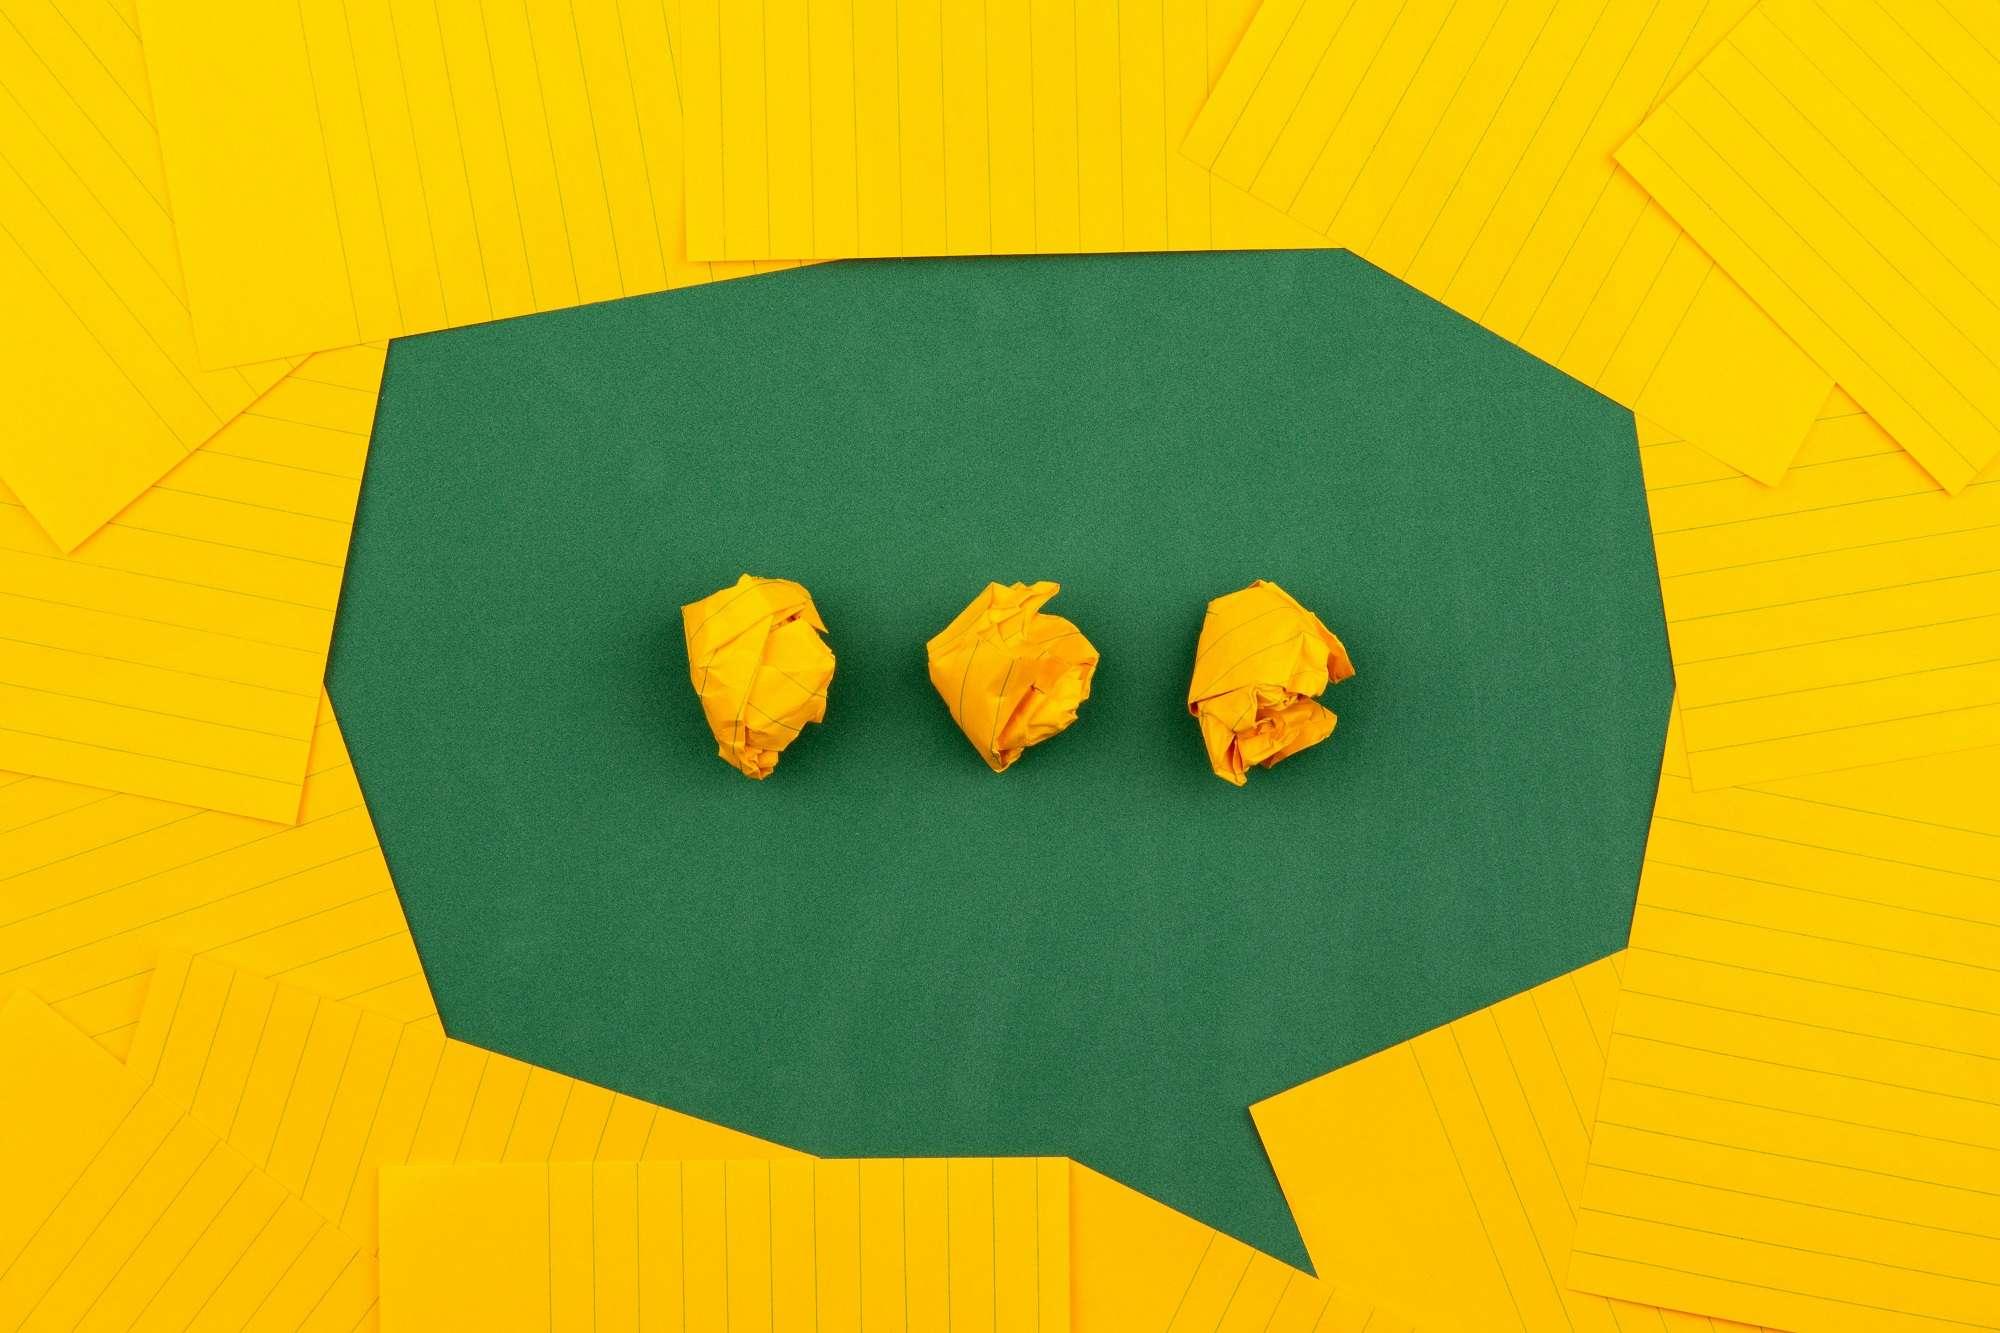 Interne Kommunikation verbessern - So gelingt es!